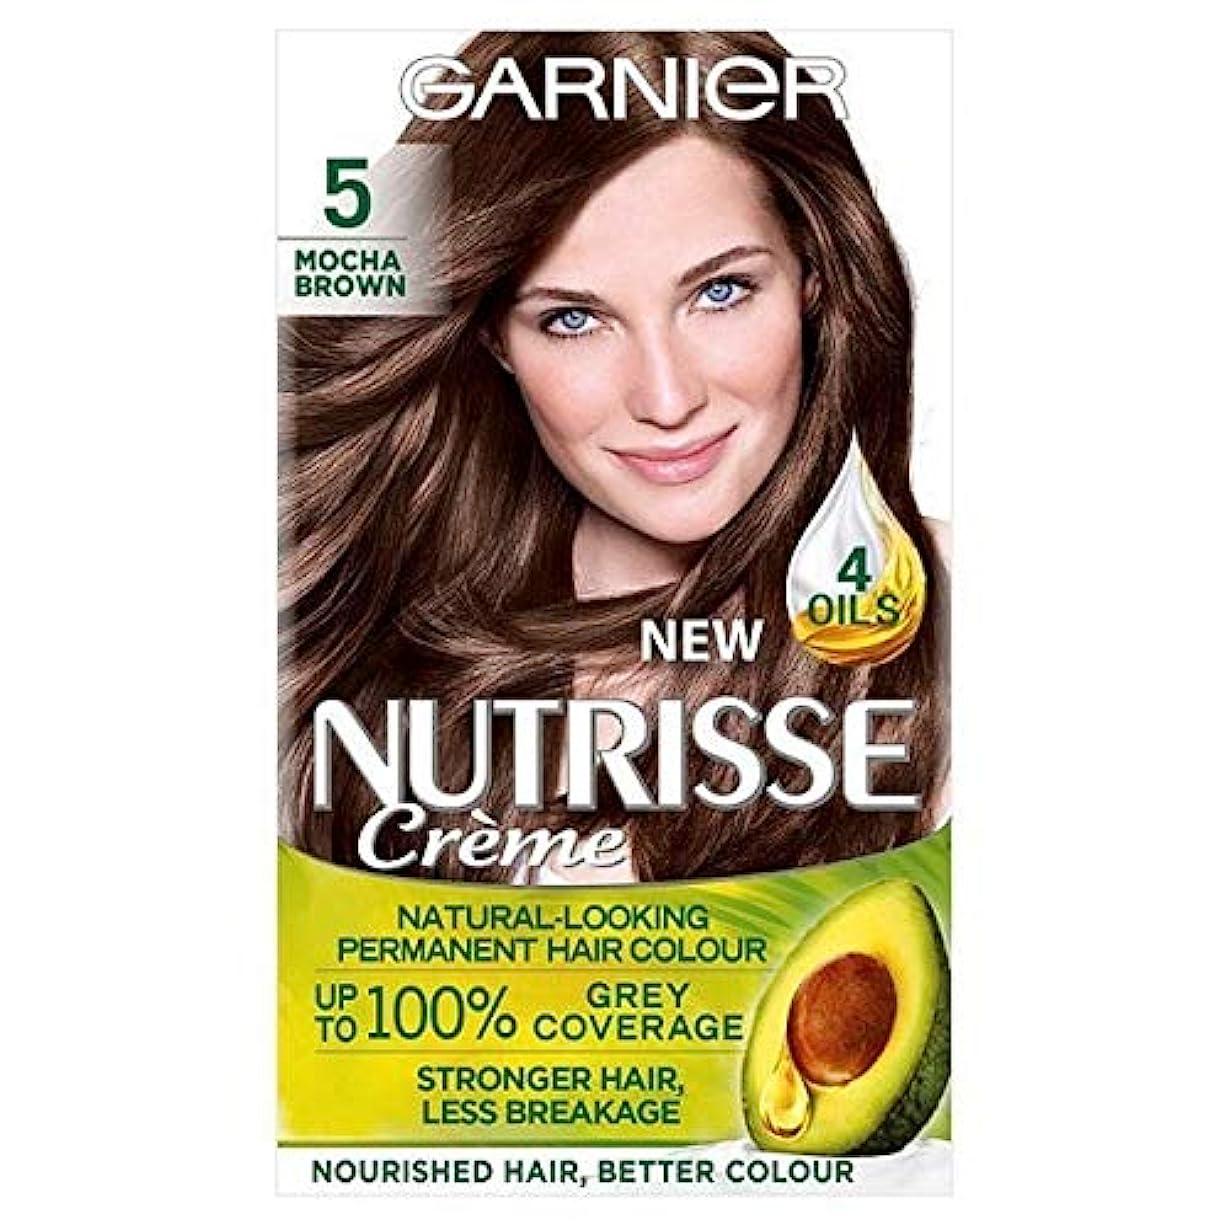 床を掃除する喜び賢い[Garnier ] ガルニエNutrisse永久的な毛髪染料ブラウン5 - Garnier Nutrisse Permanent Hair Dye Brown 5 [並行輸入品]